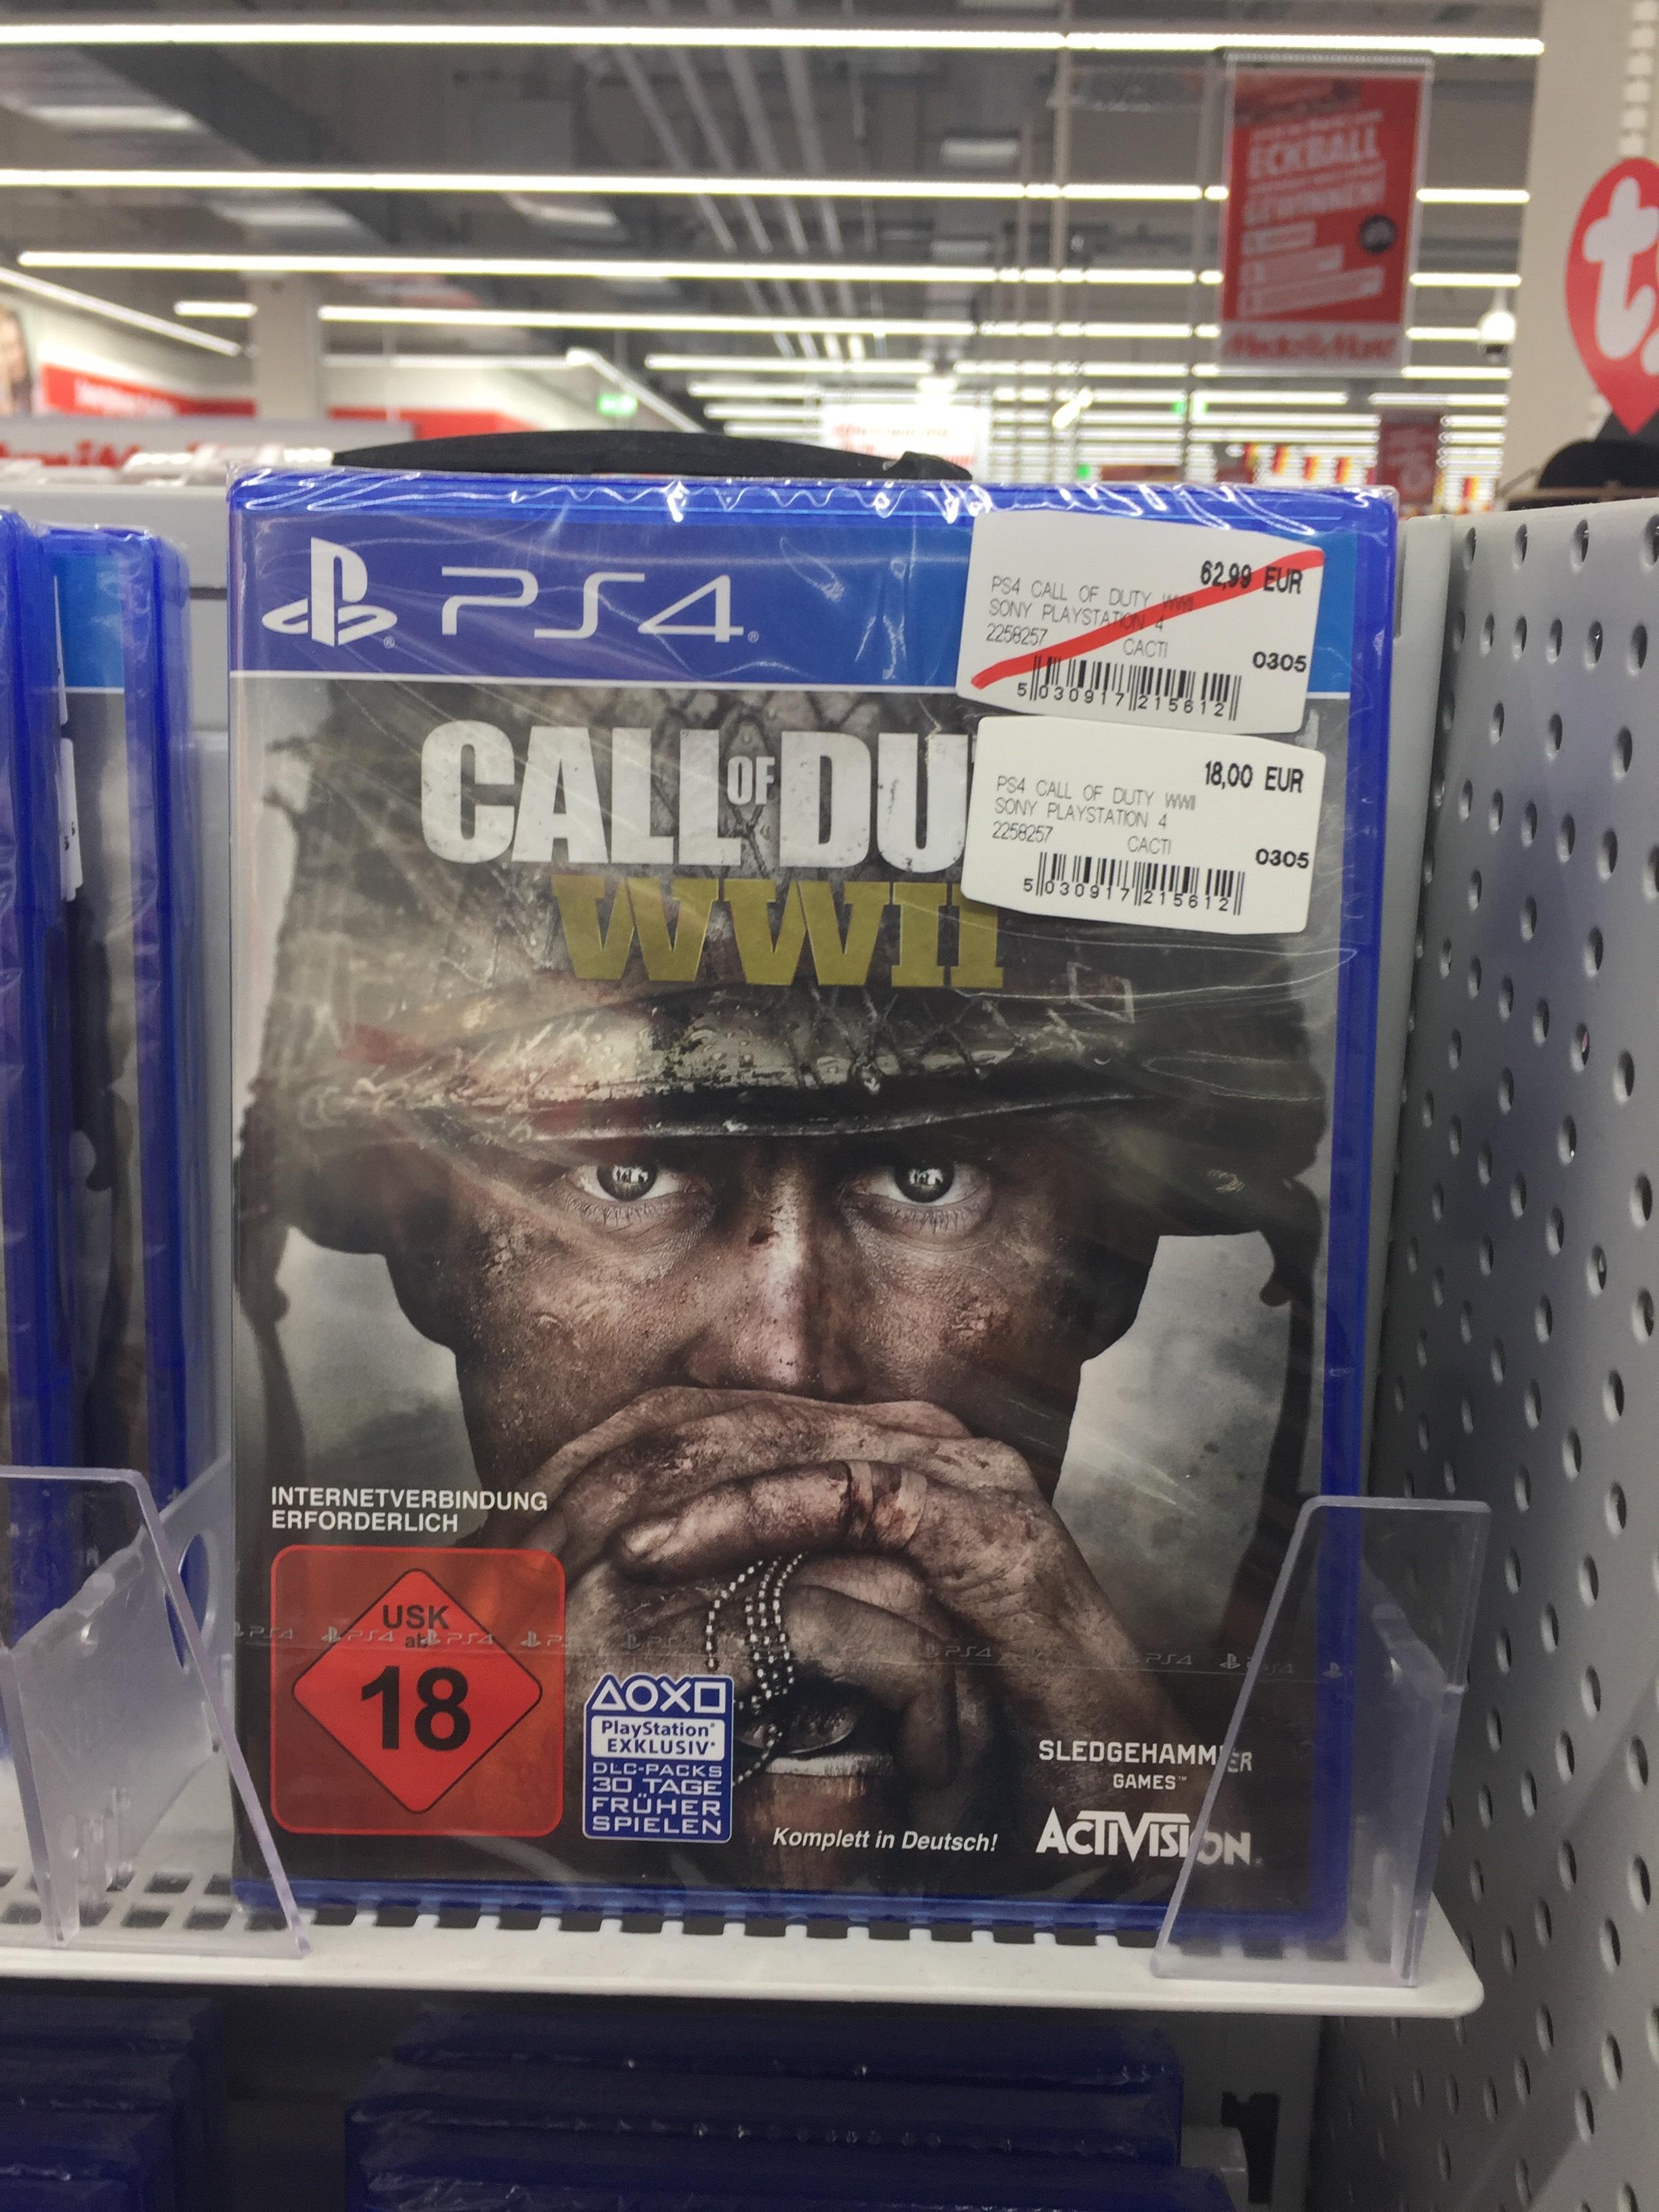 [LOKAL] Call of Duty: WWII für 18€ MM-Unterföhring